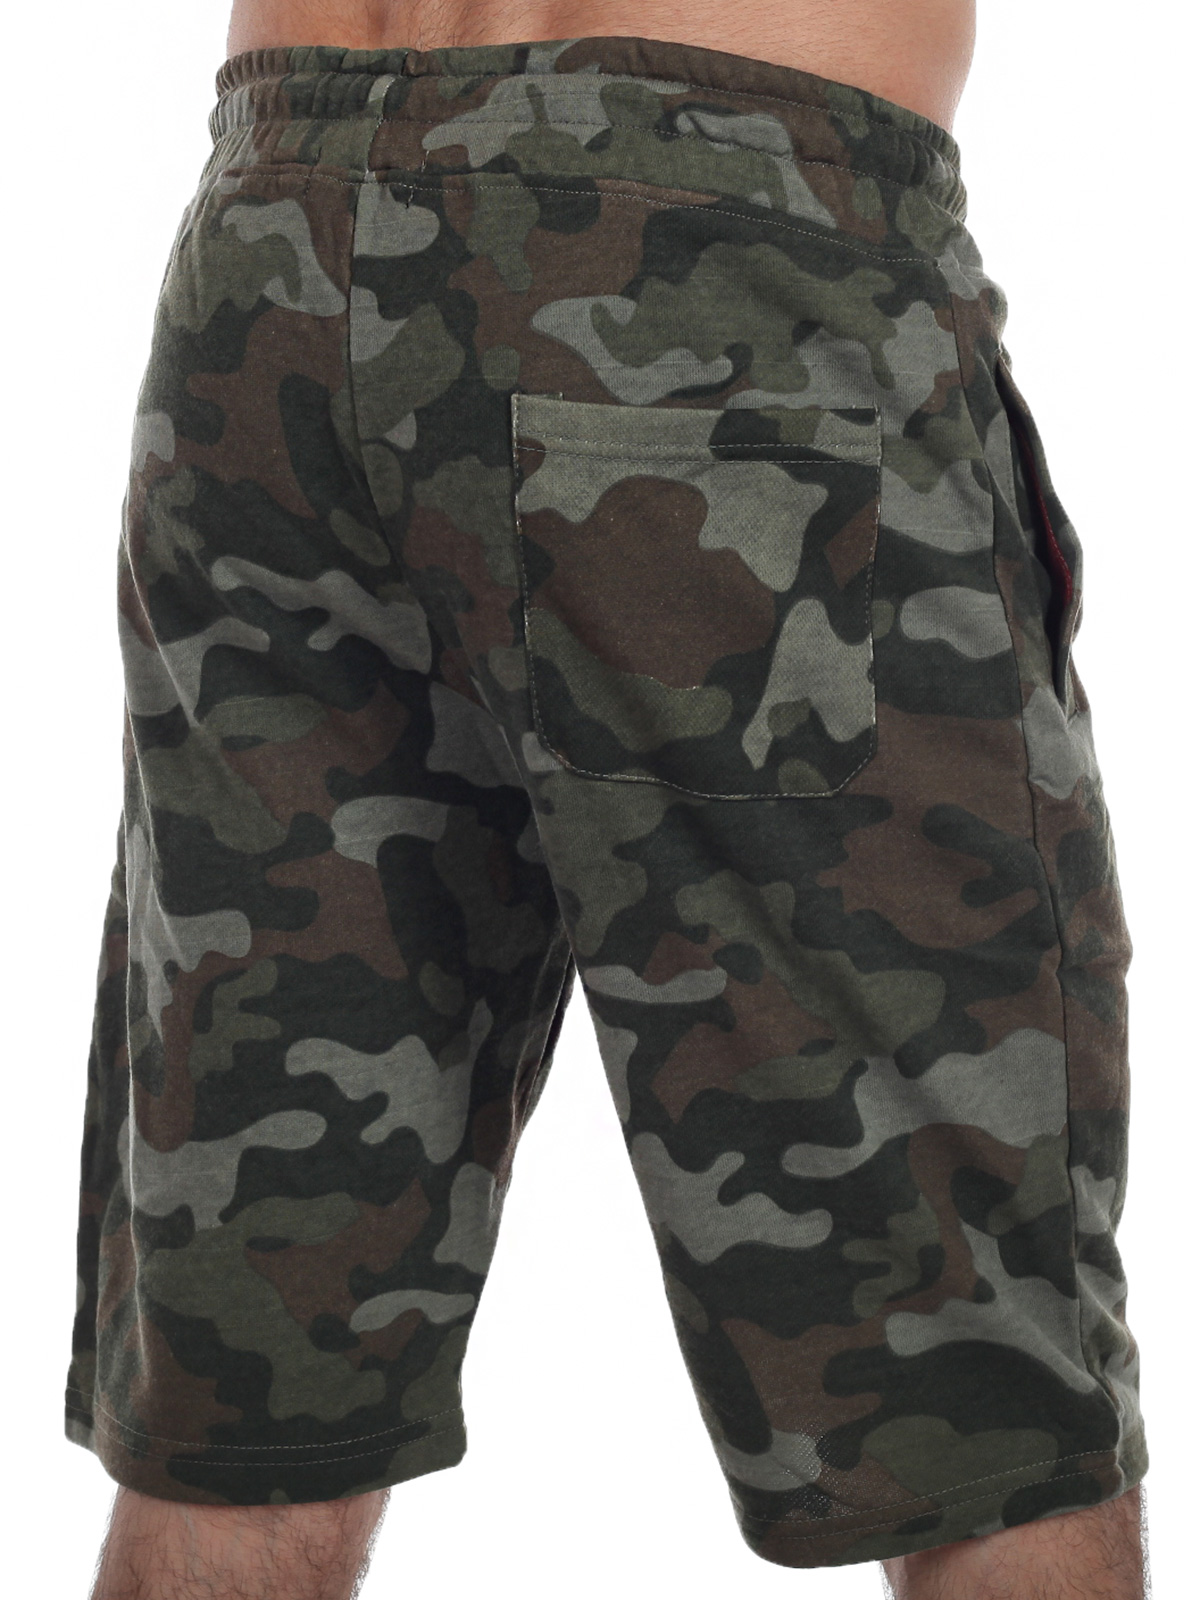 Камуфляжные мужские шорты с нашивкой Русская Охота - заказать онлайн